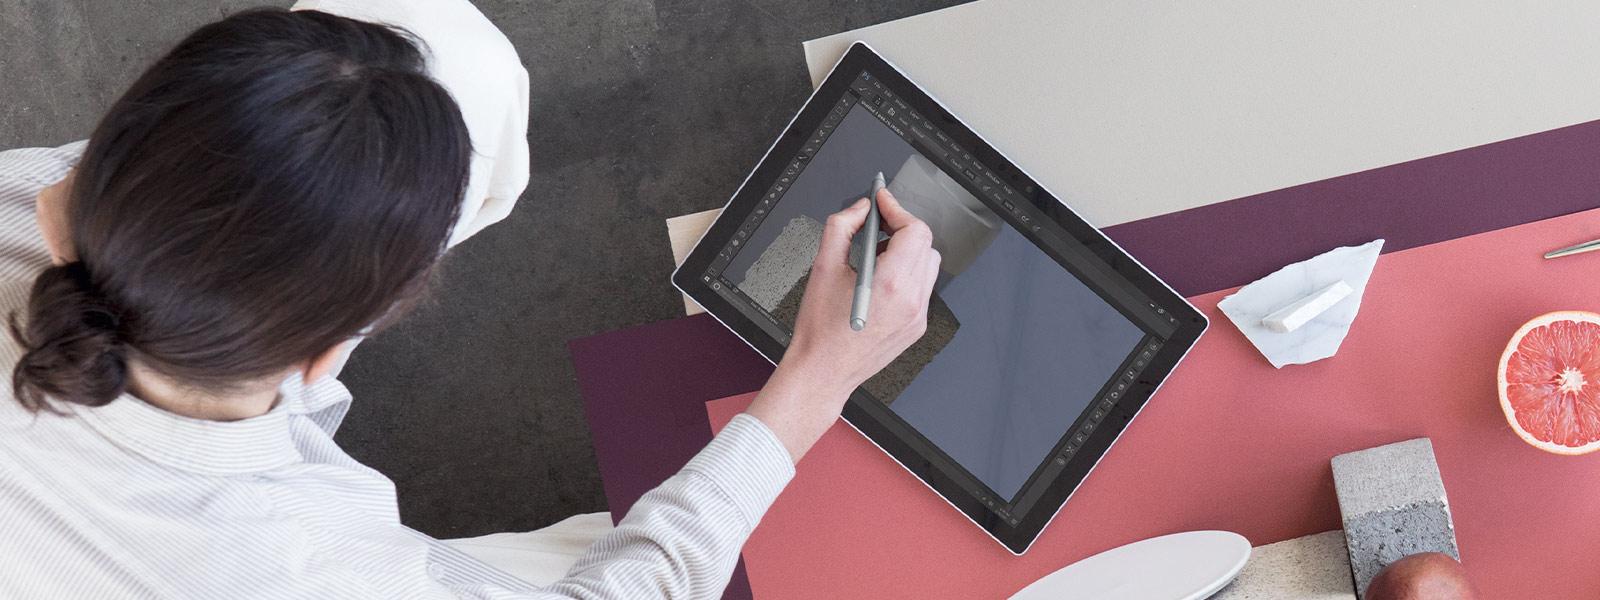 Personne utilisant Surface Pen sur un appareil Surface.